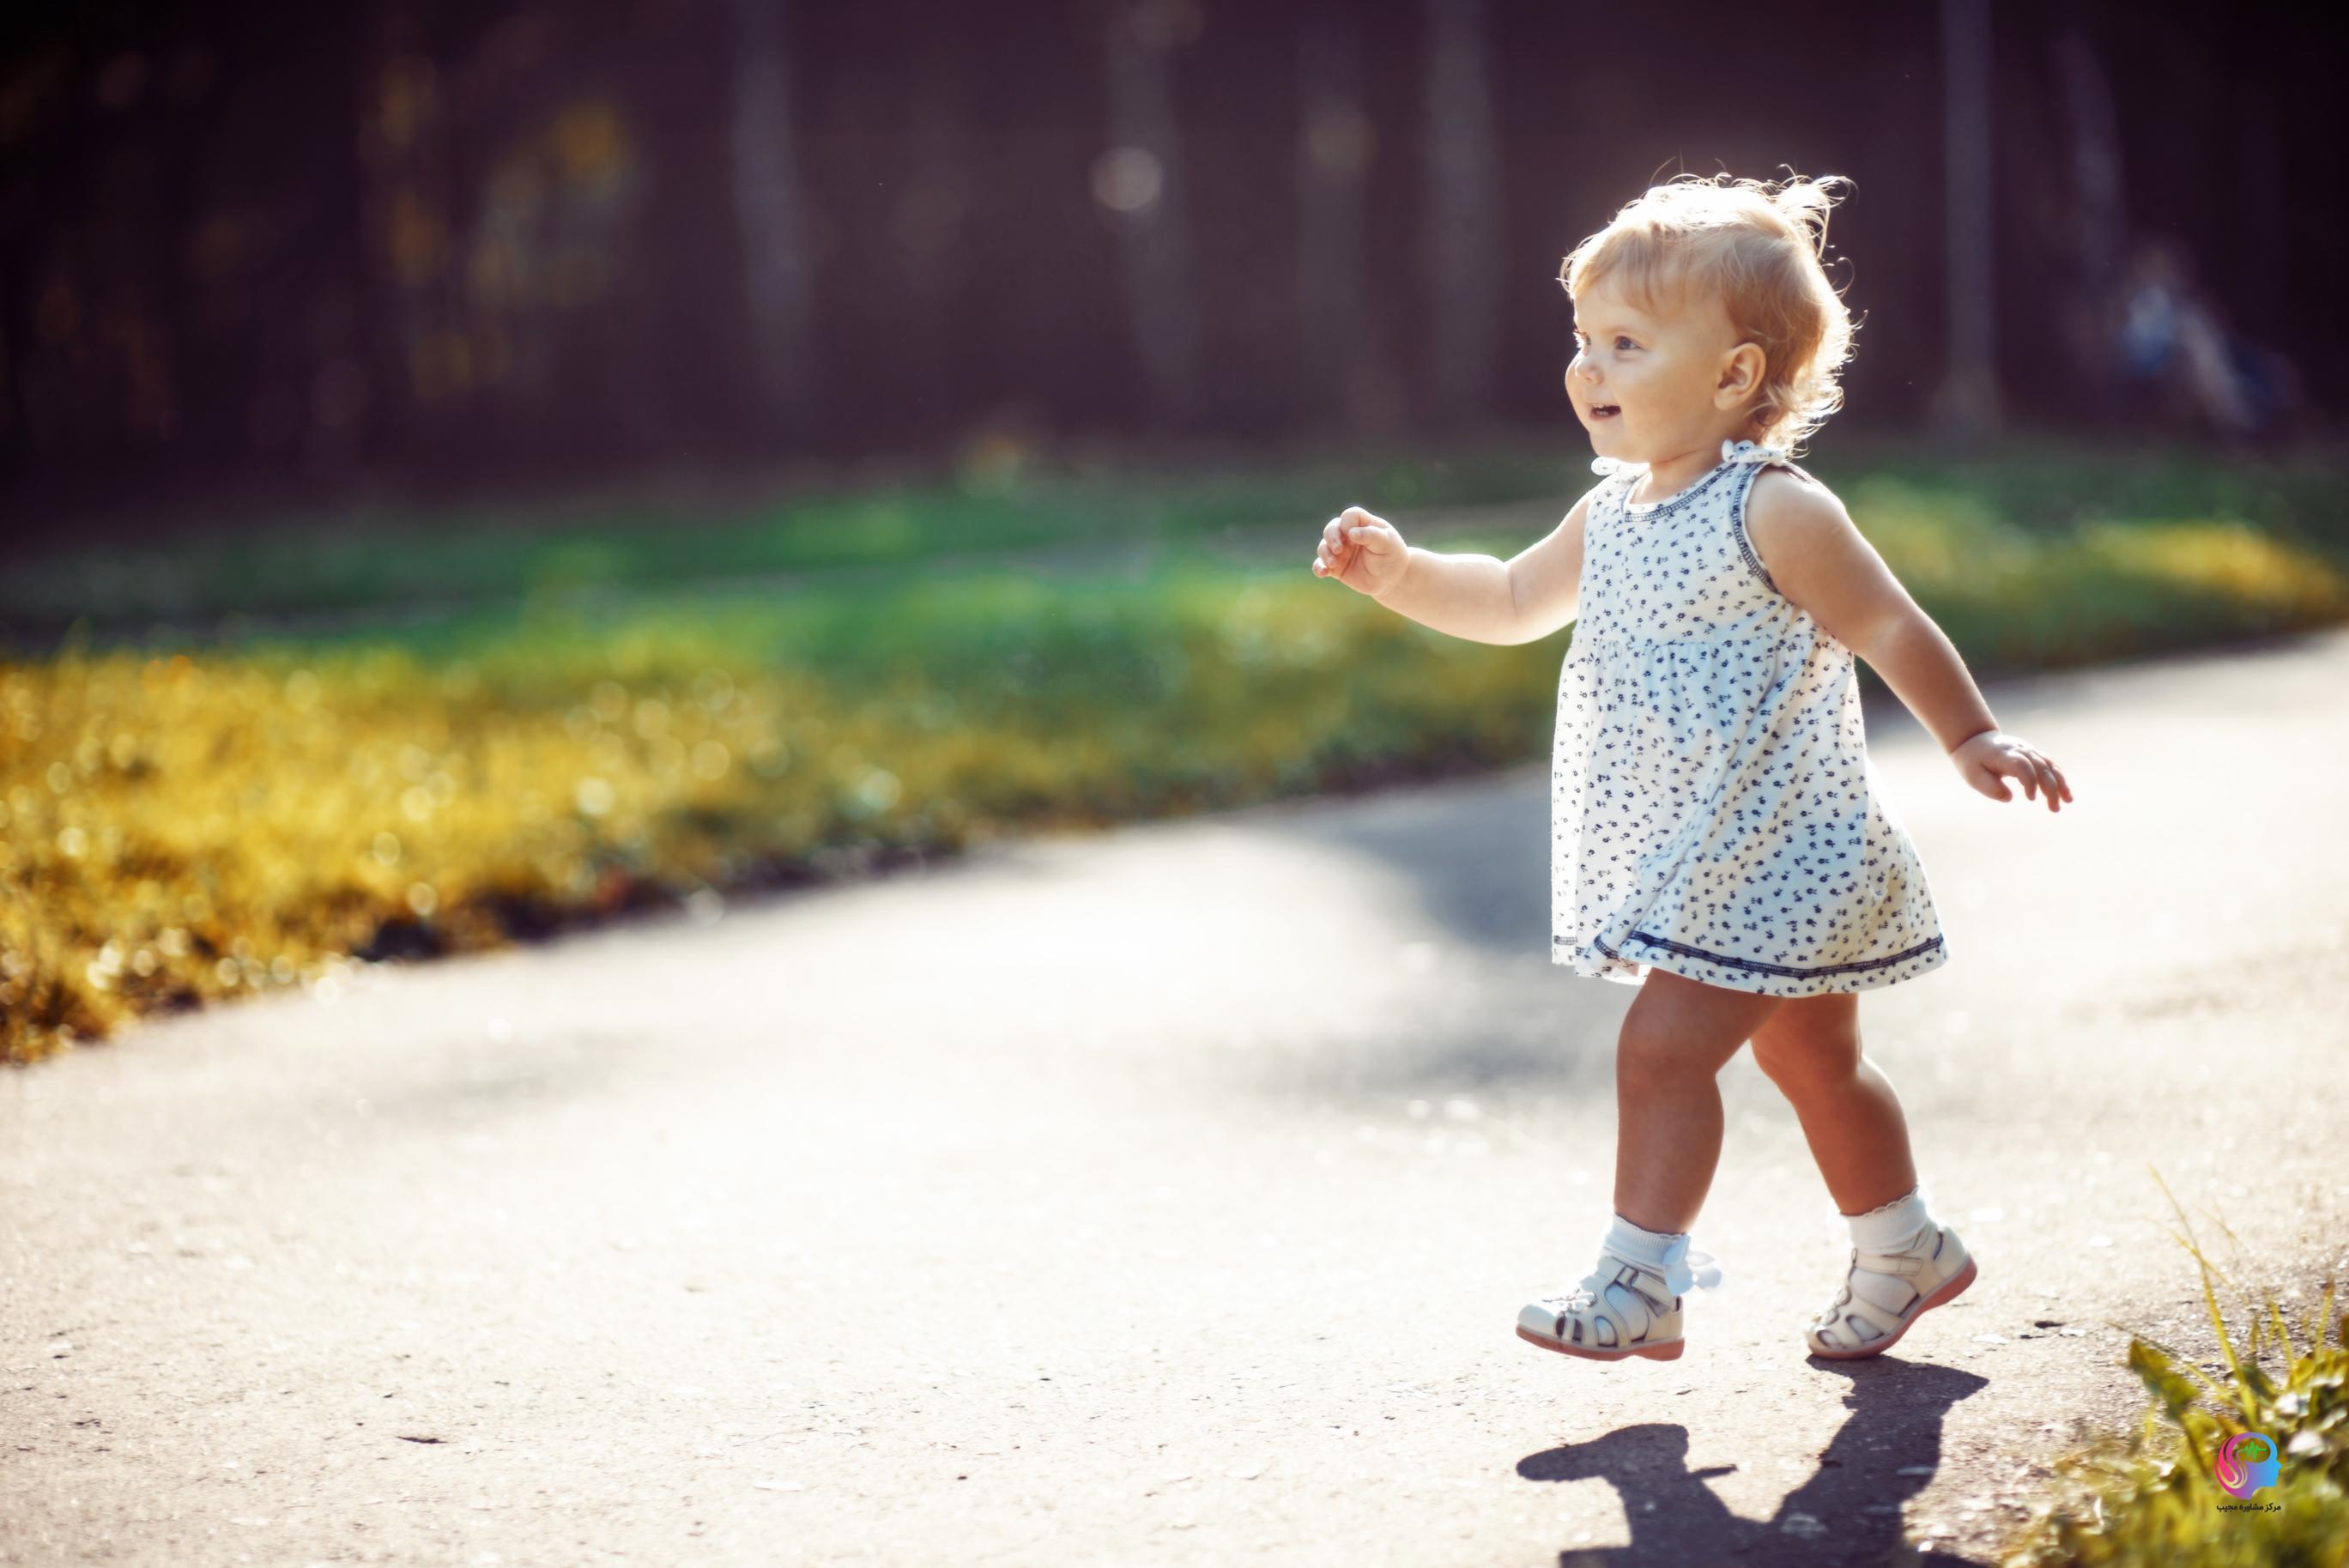 نشانه های ترس کودک از راه رفتن